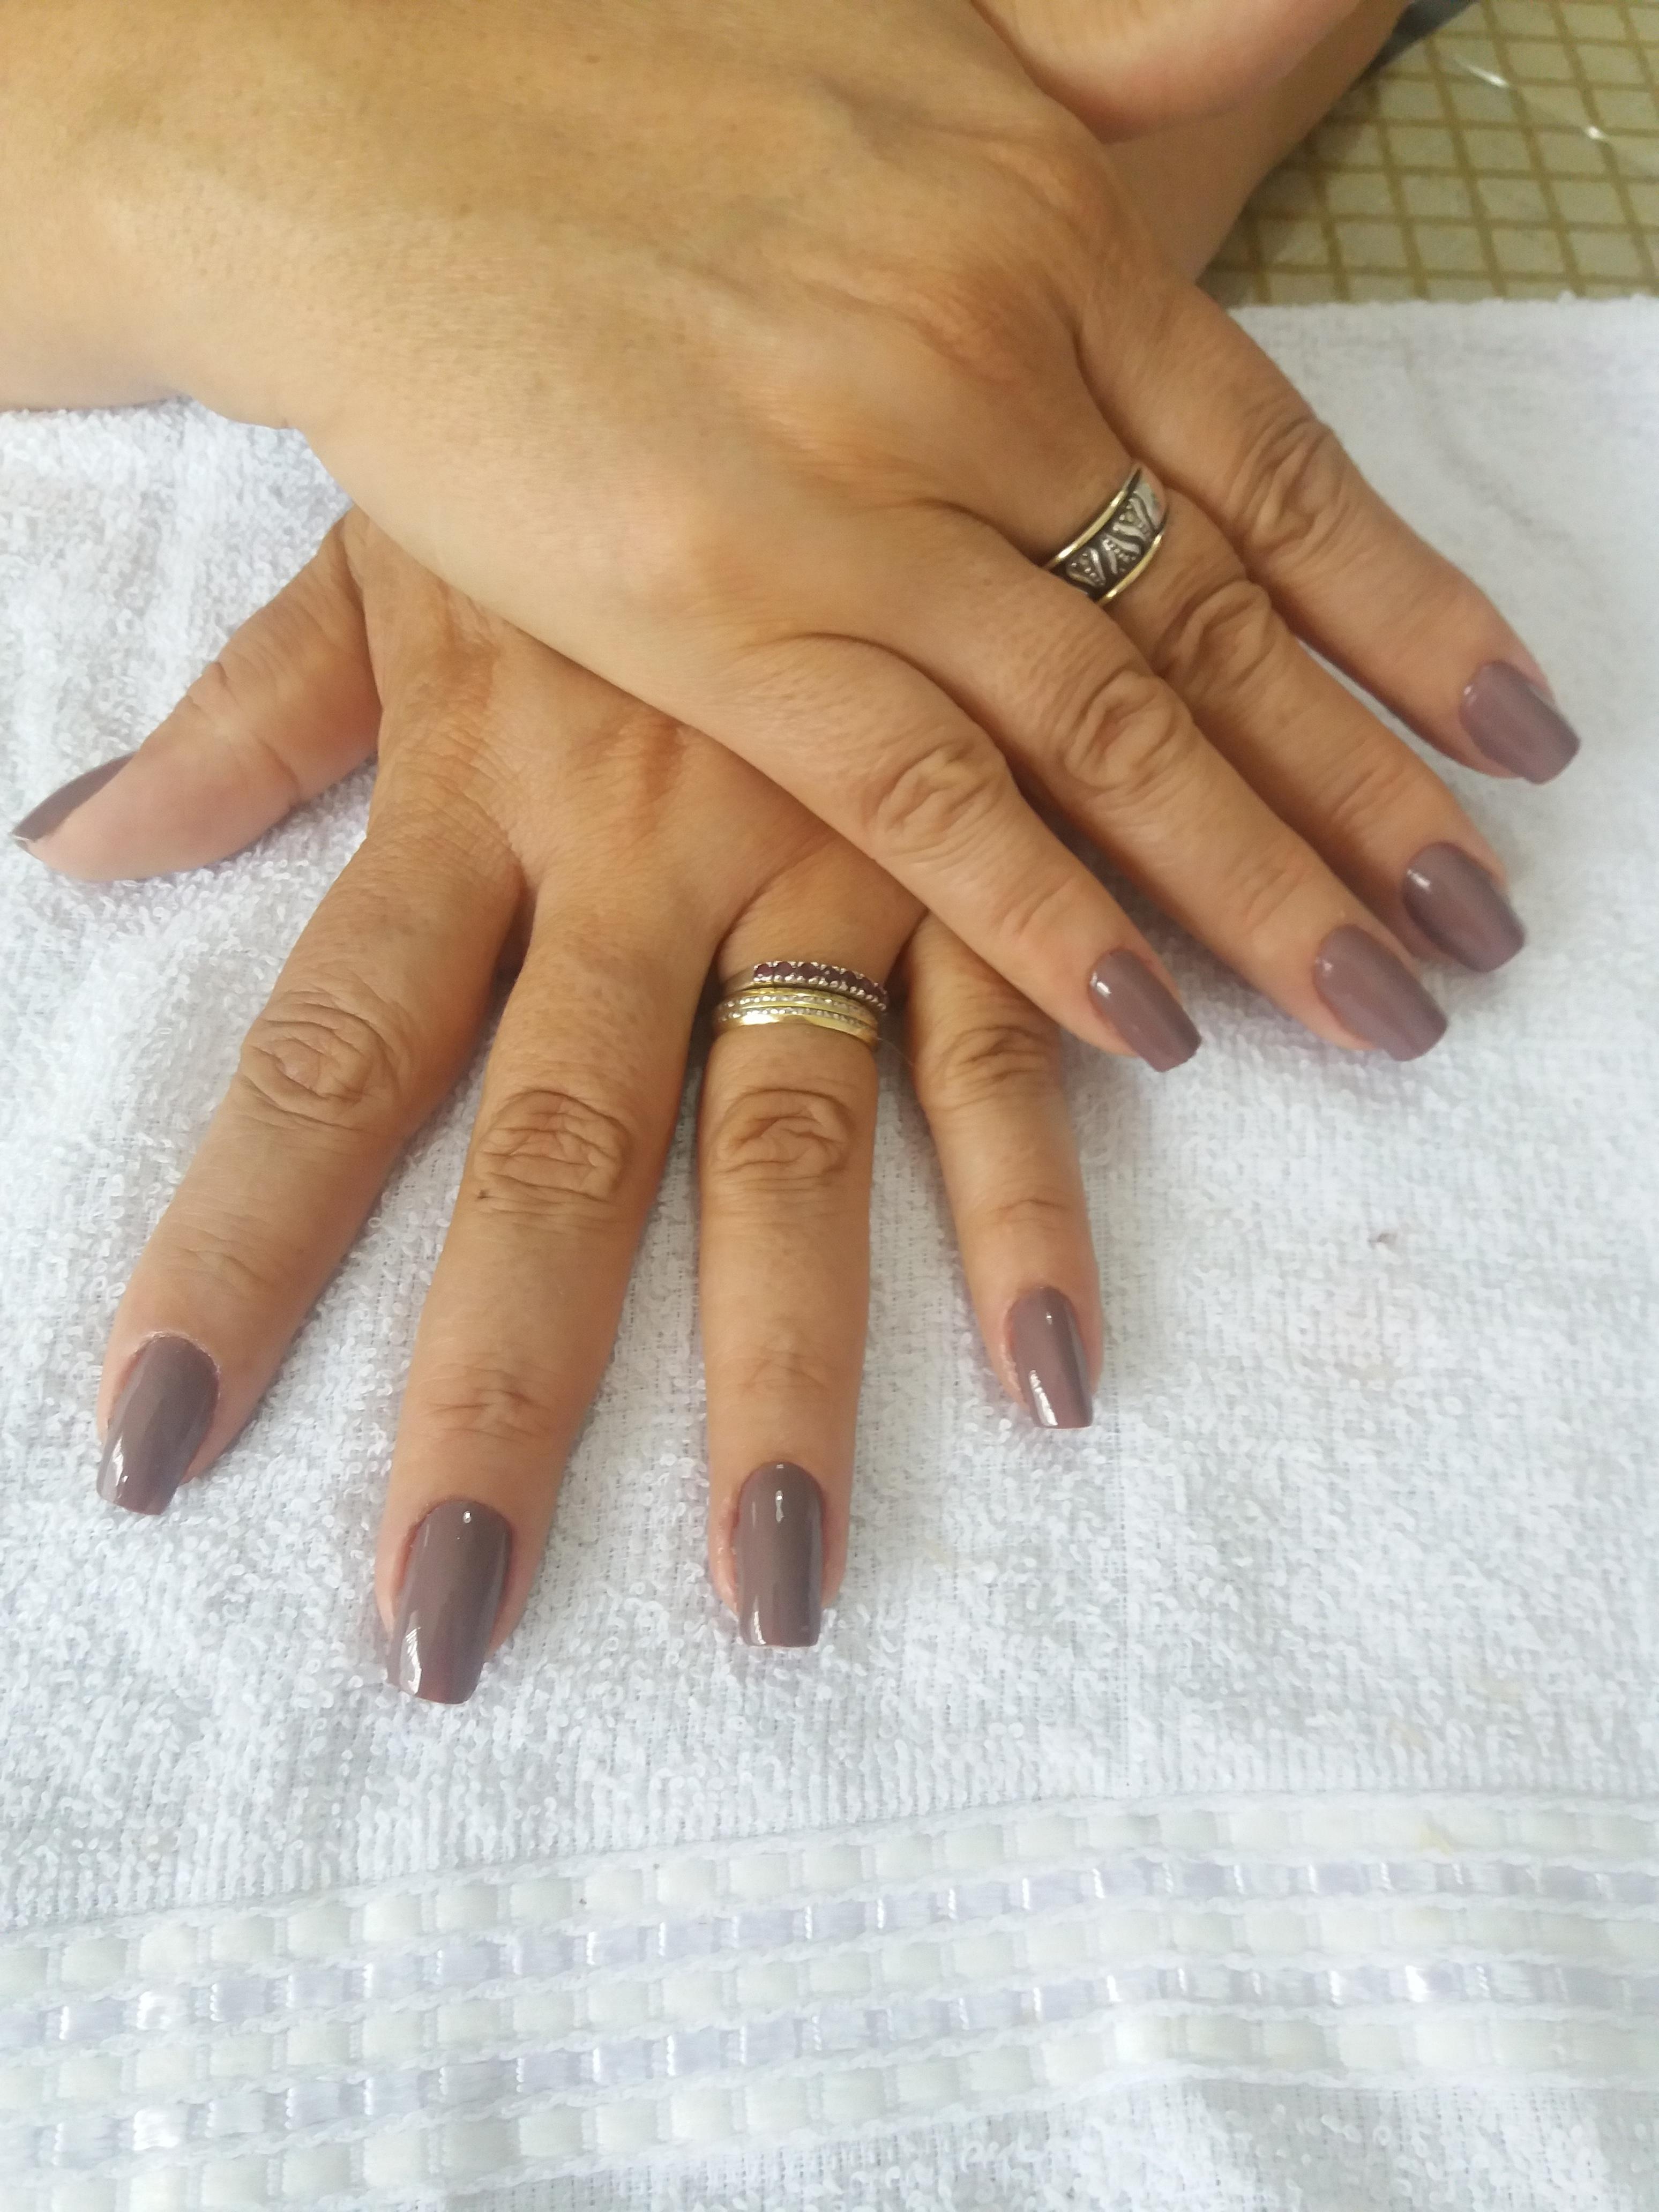 #manicureporamor #avon #alenails  unha manicure e pedicure